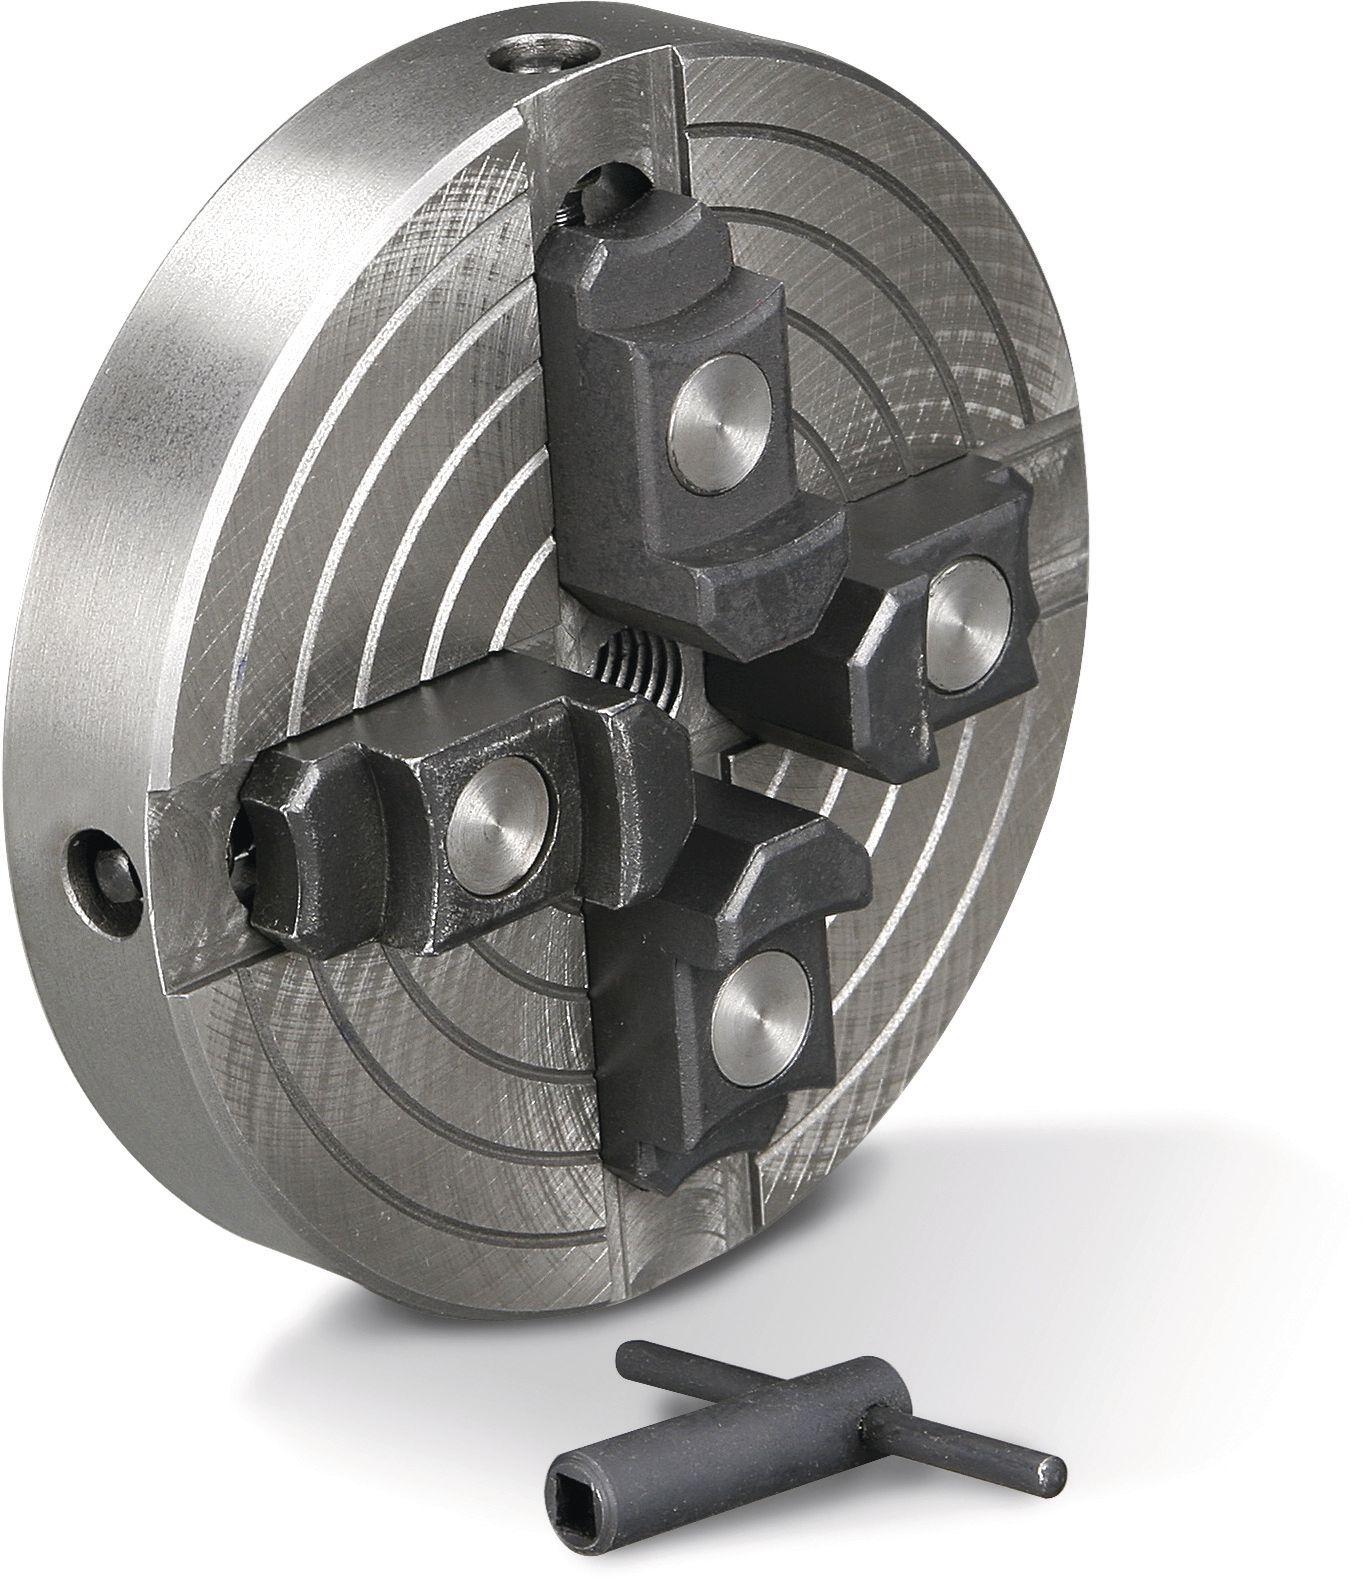 dbkl accessoires machines pour le bois vynckier tools. Black Bedroom Furniture Sets. Home Design Ideas